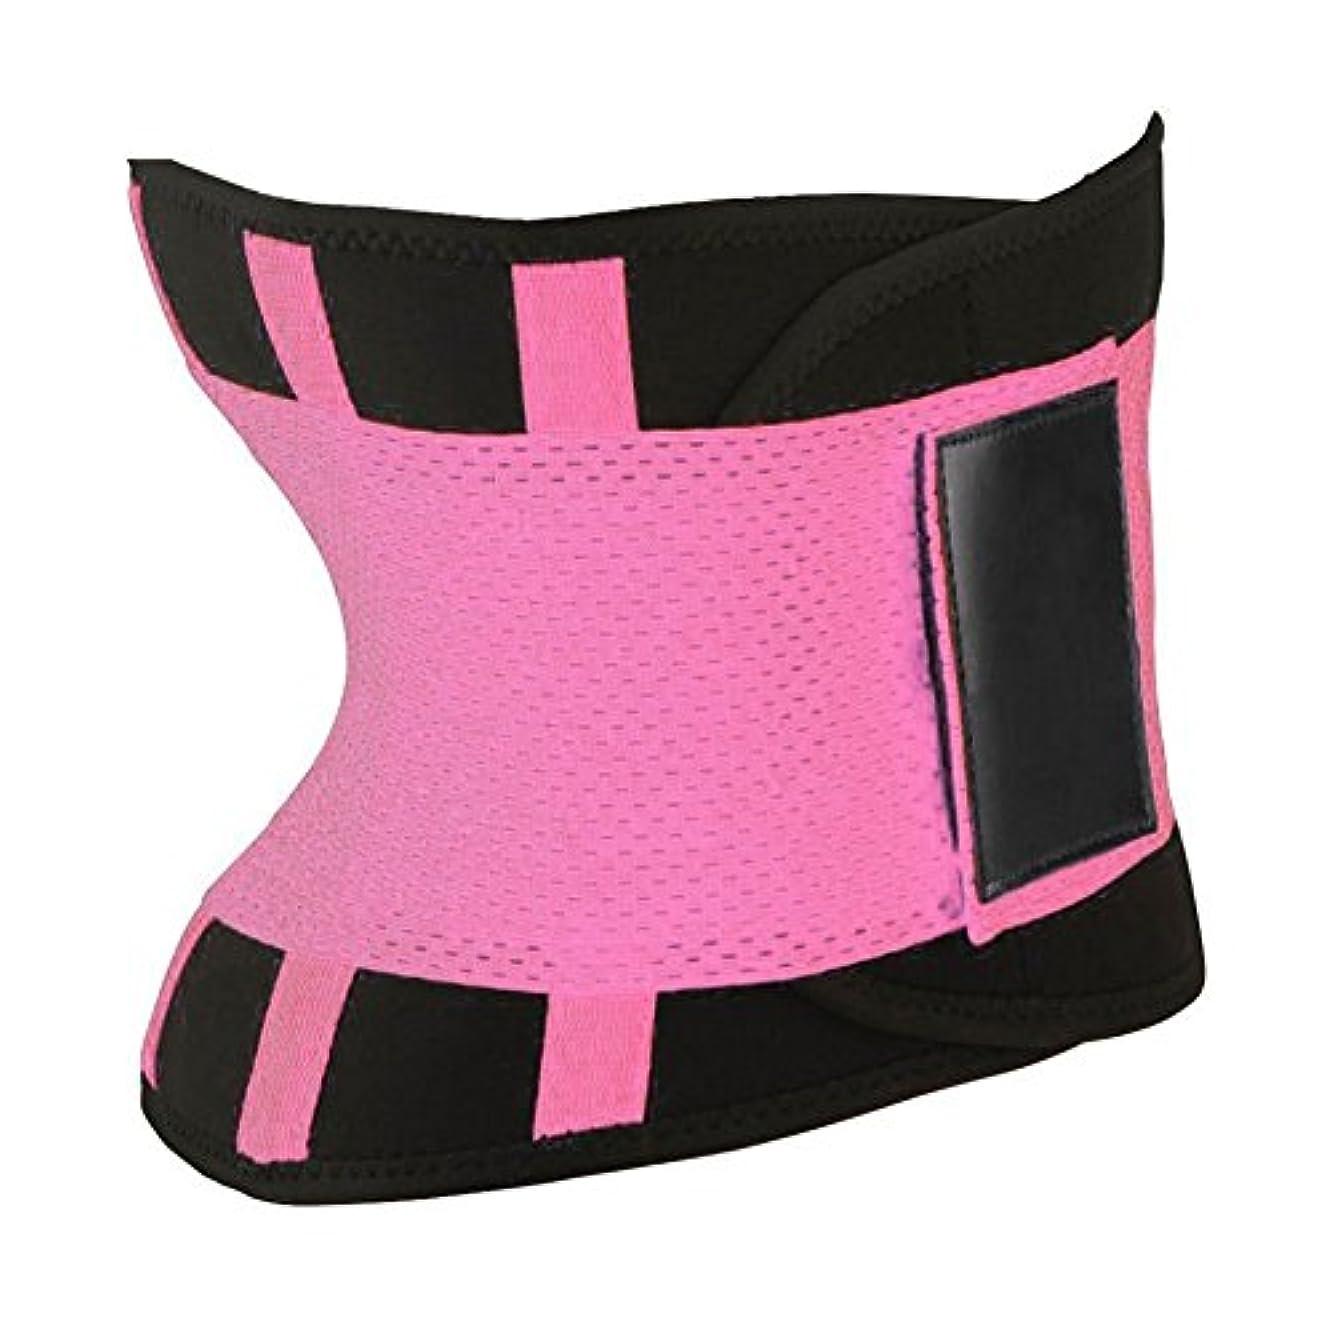 改革レンズ消化器快適な女性ボディシェイパー痩身シェイパーベルトスポーツレディースウエストトレーナーニッパーコントロールバーニングボディおなかベルト - ピンクL